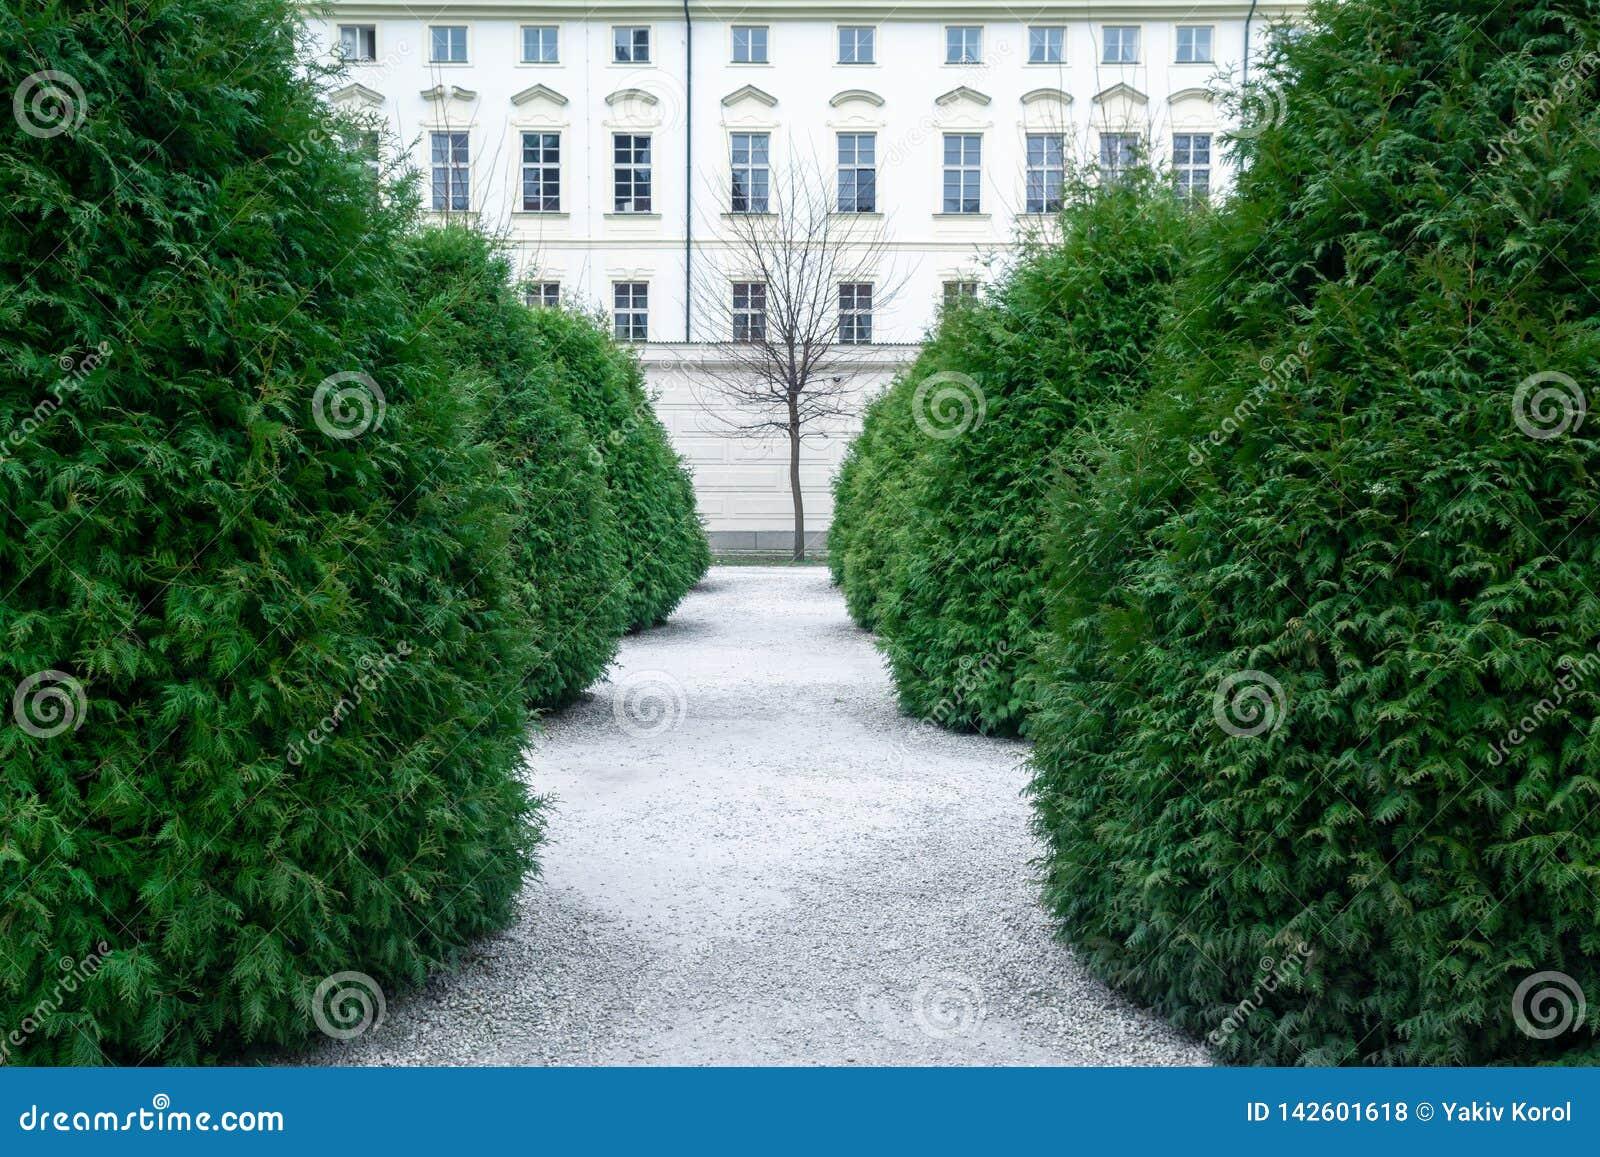 Allée de Tui à feuilles persistantes en parc À l extrémité de l allée il y a un arbre sans feuilles et maison avec de belle